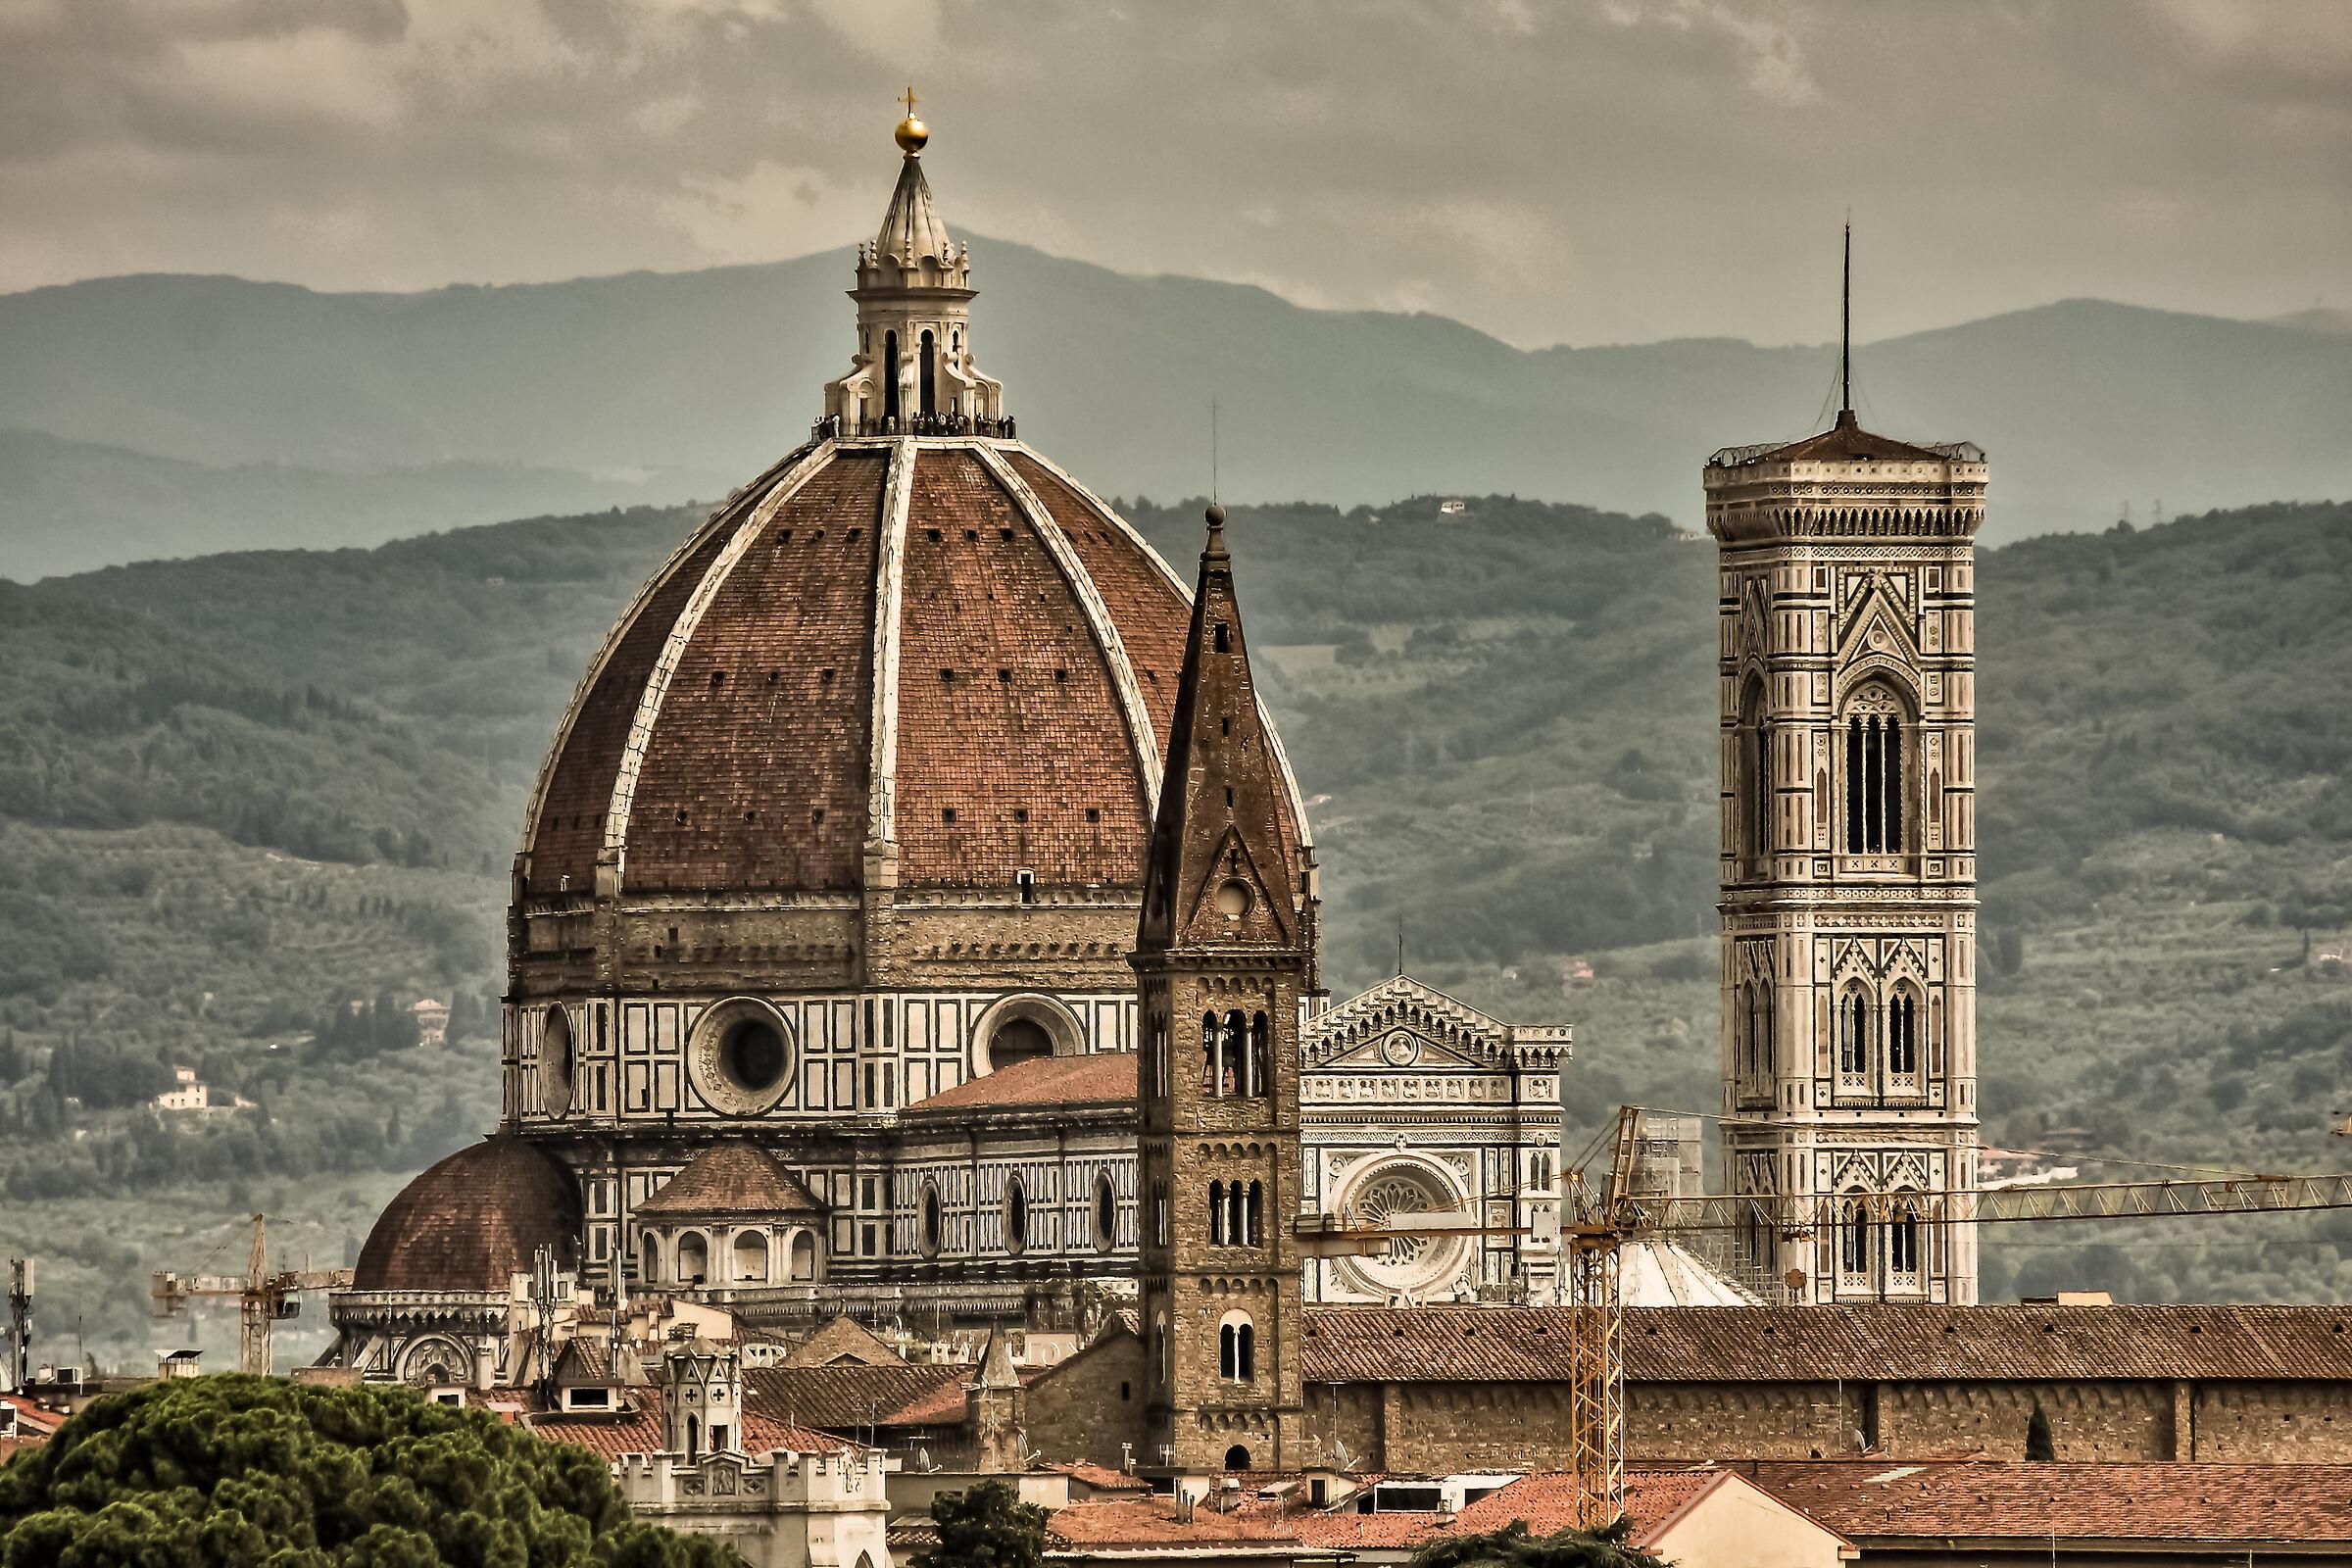 Nuove prospettive a Firenze...